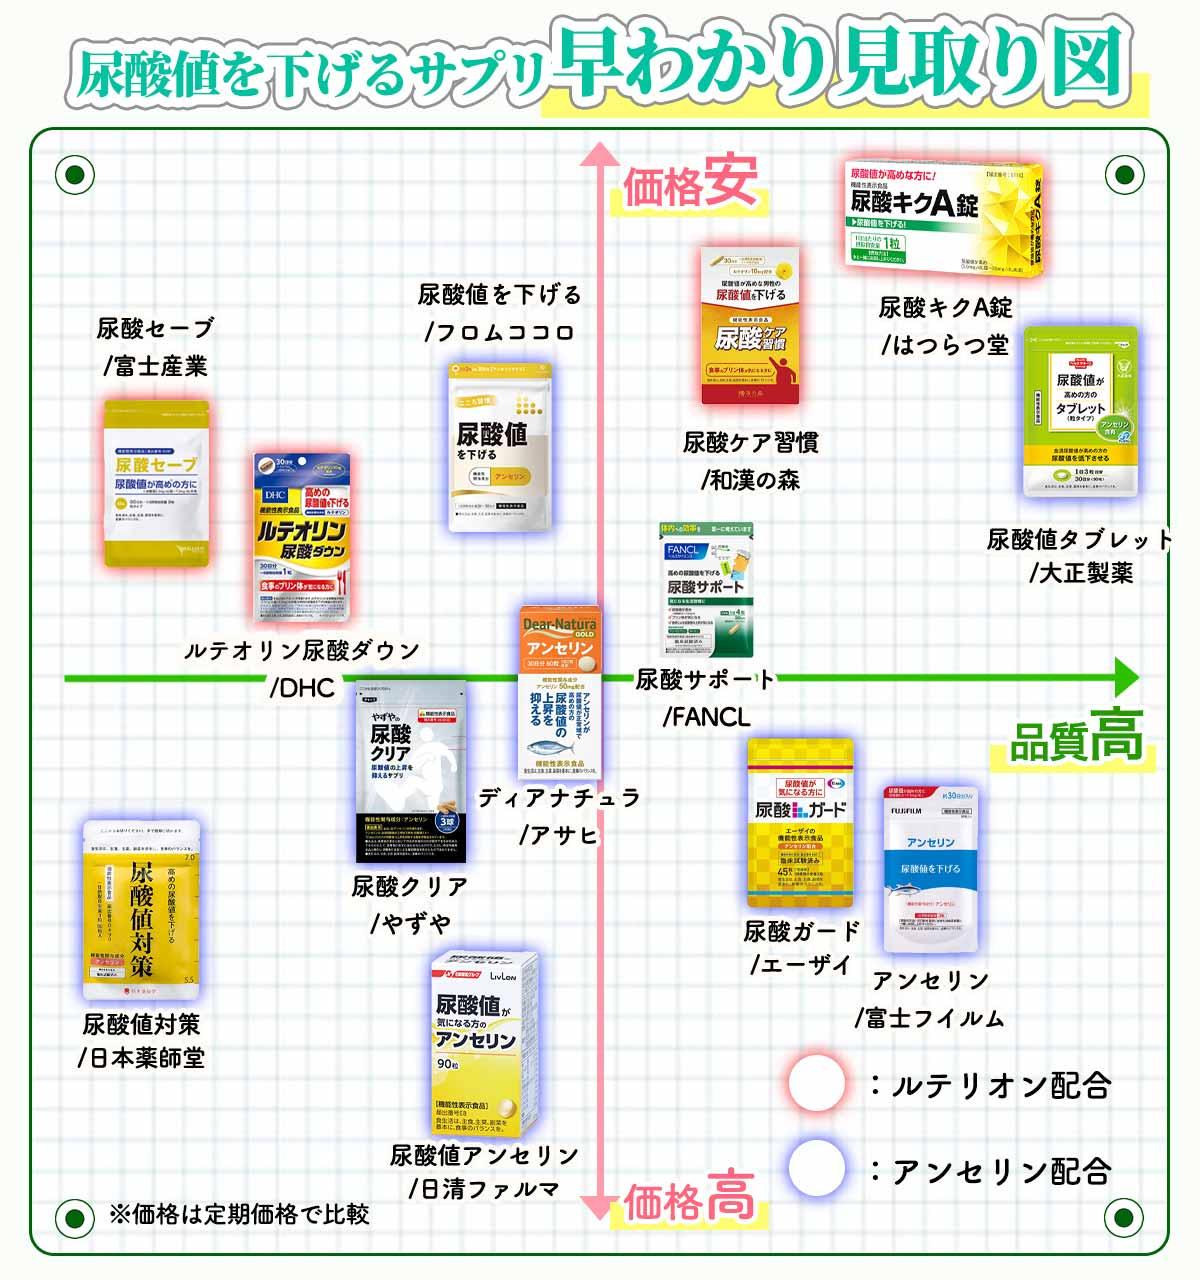 尿酸値対策サプリ早わかり見取り図